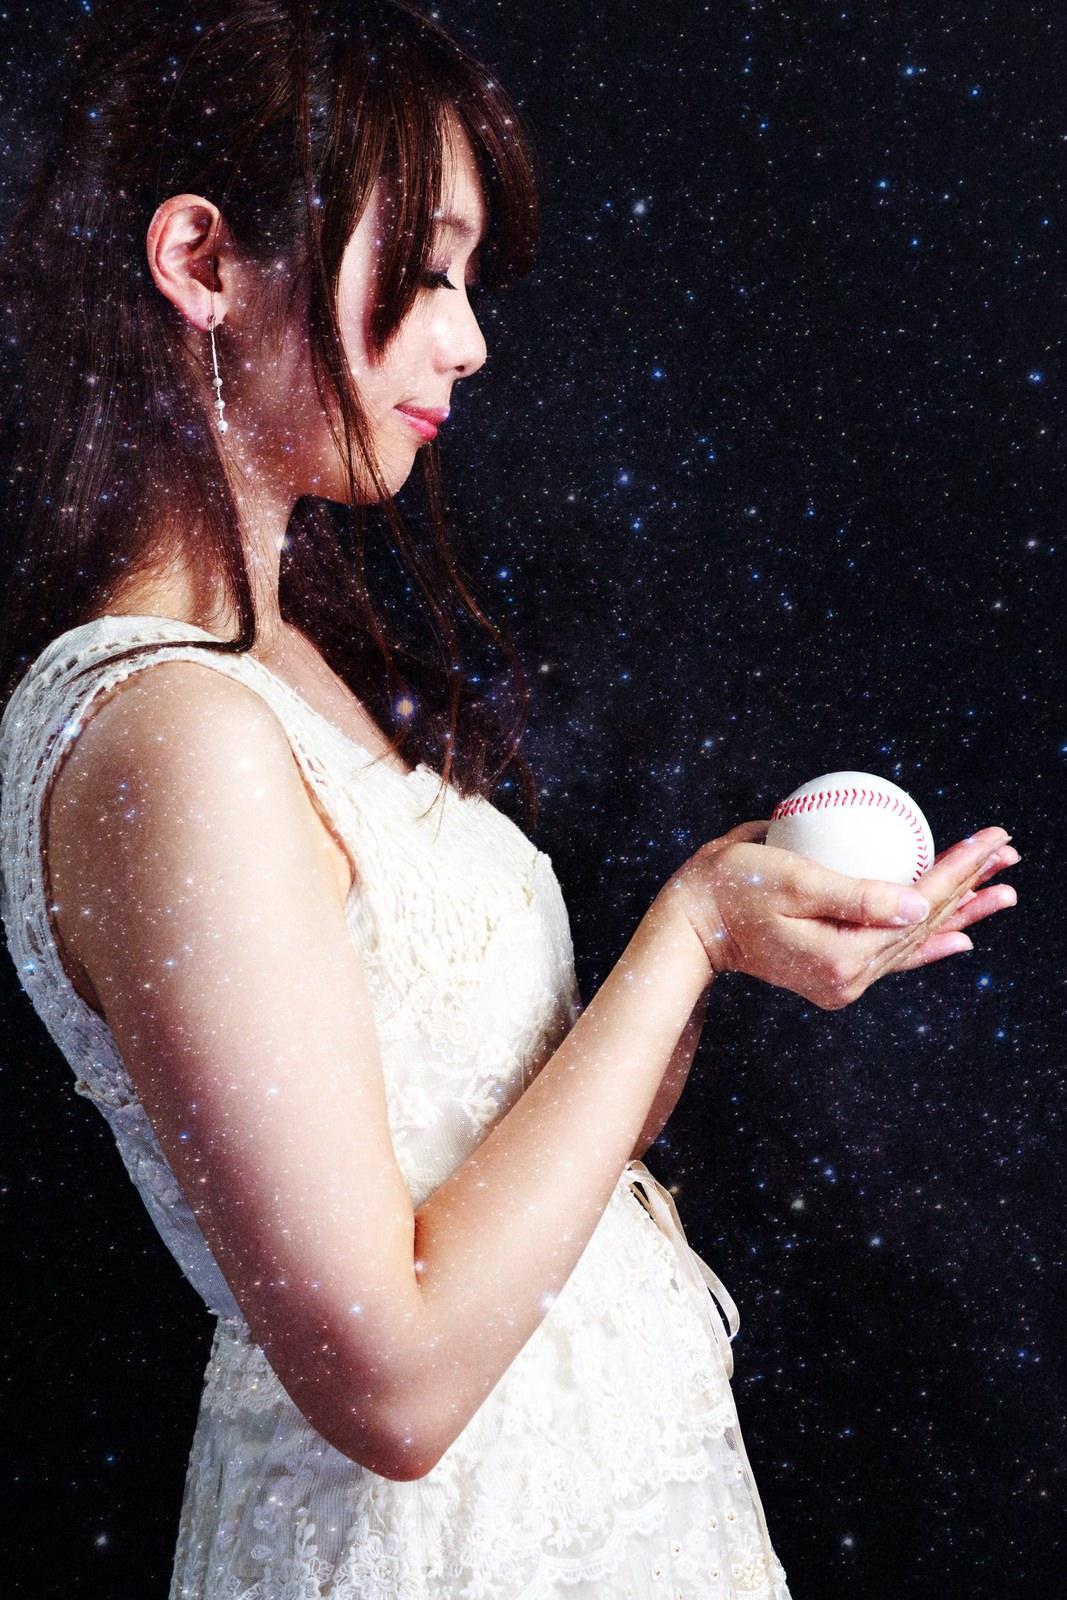 野球の女神様野球の女神様 [モデル:白鳥片栗粉]